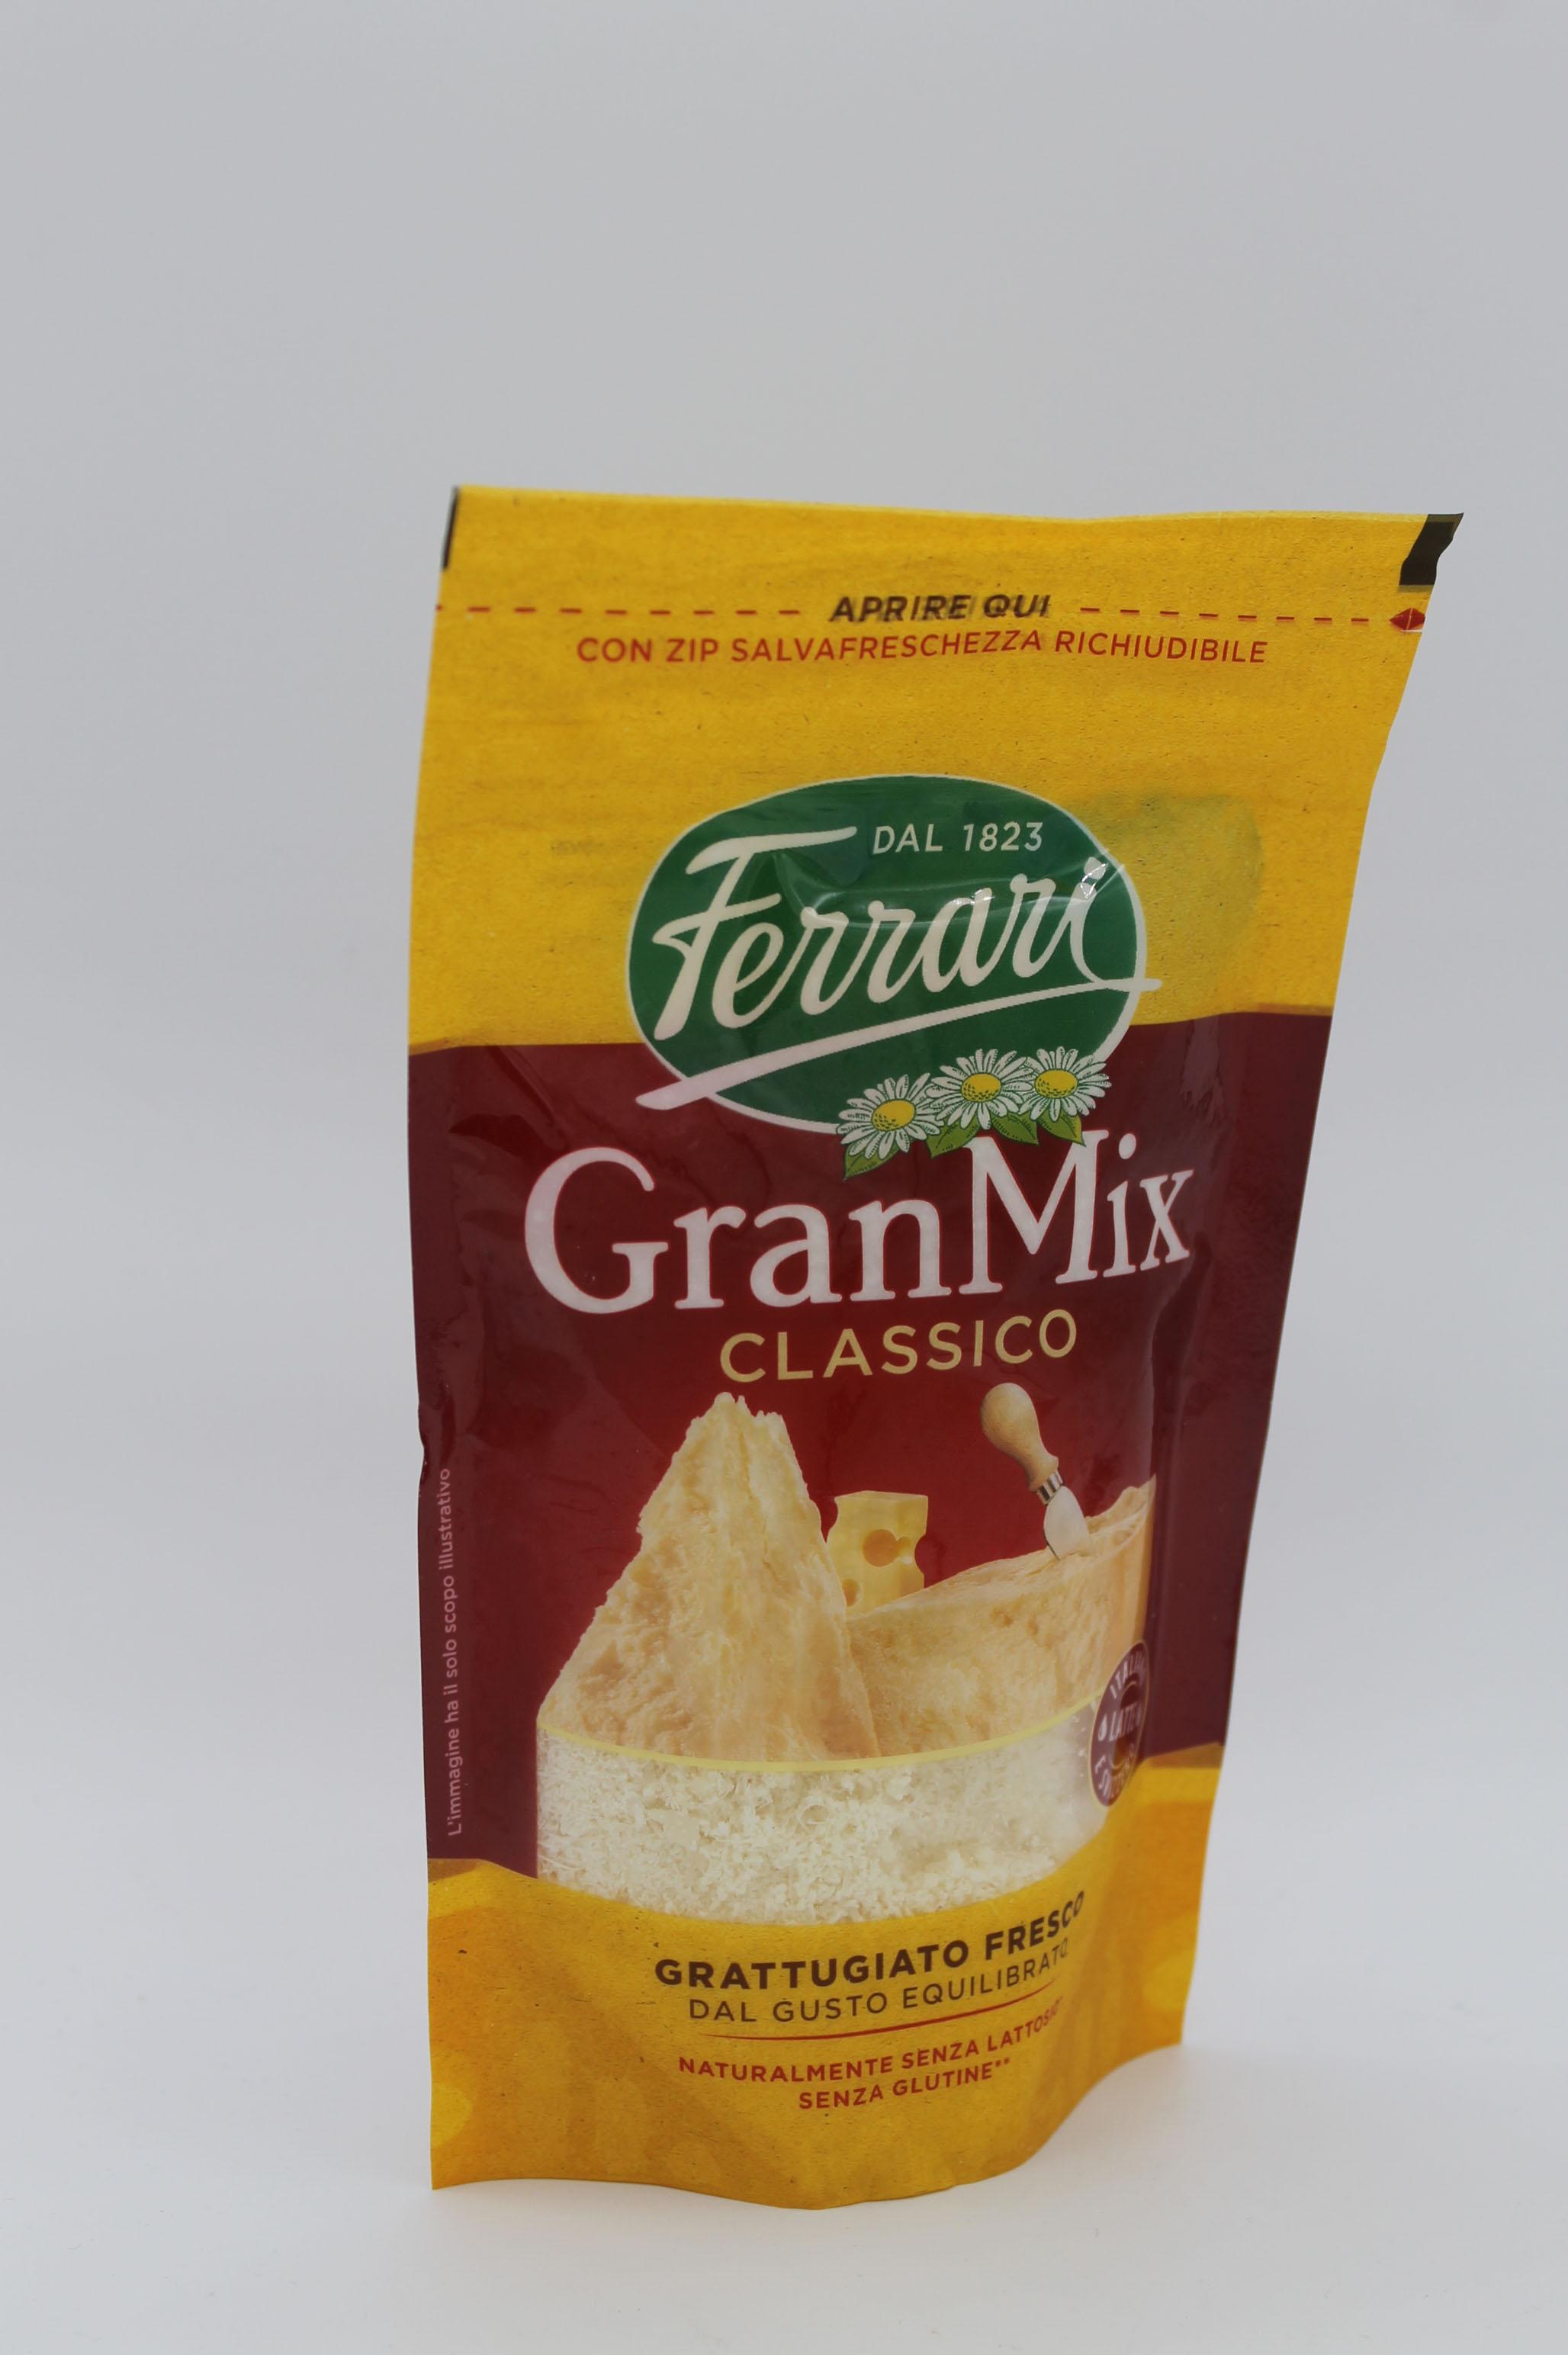 Ferrari formaggio grattugiato granmix 100gr.